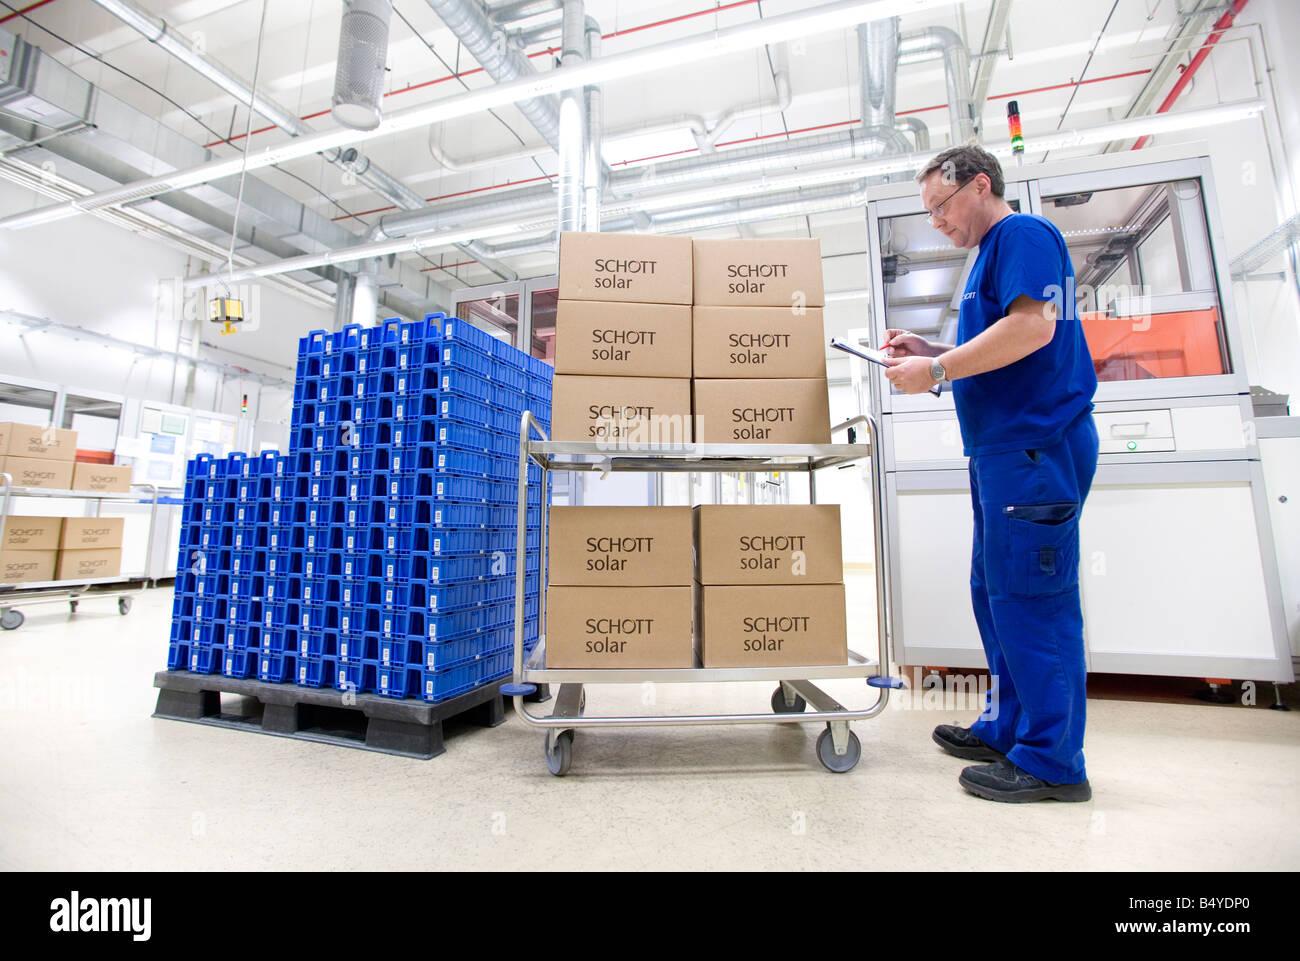 Die SCHOTT Solar AG Produktion von Solarzellen Arbeiter mit verpackten Solarzellen versandfertig Stockbild